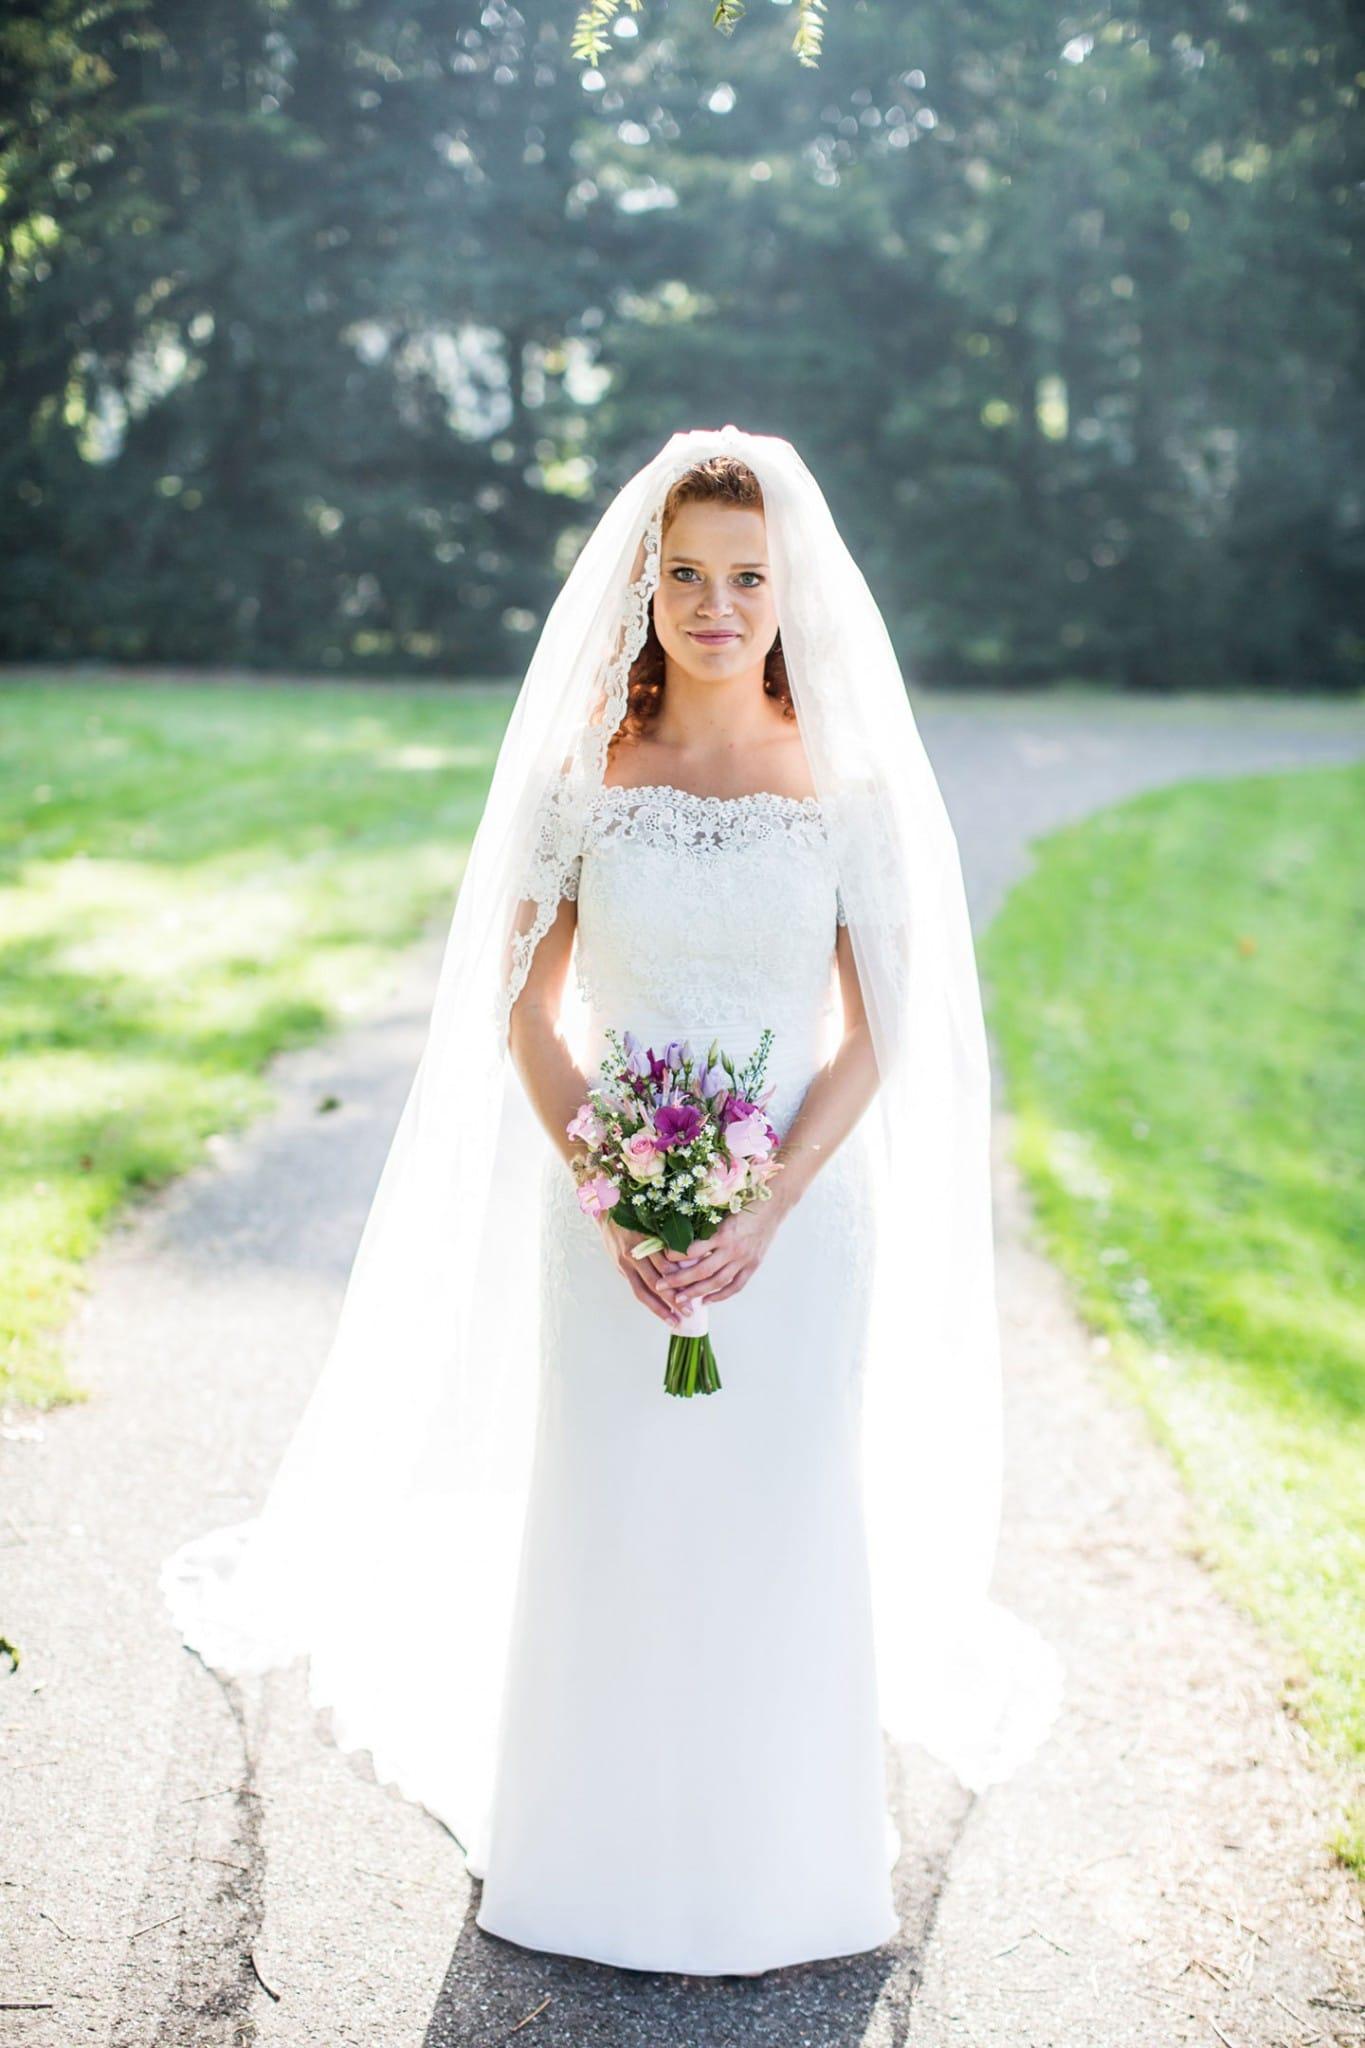 15-Vught-bruiloft-trouwfotograaf